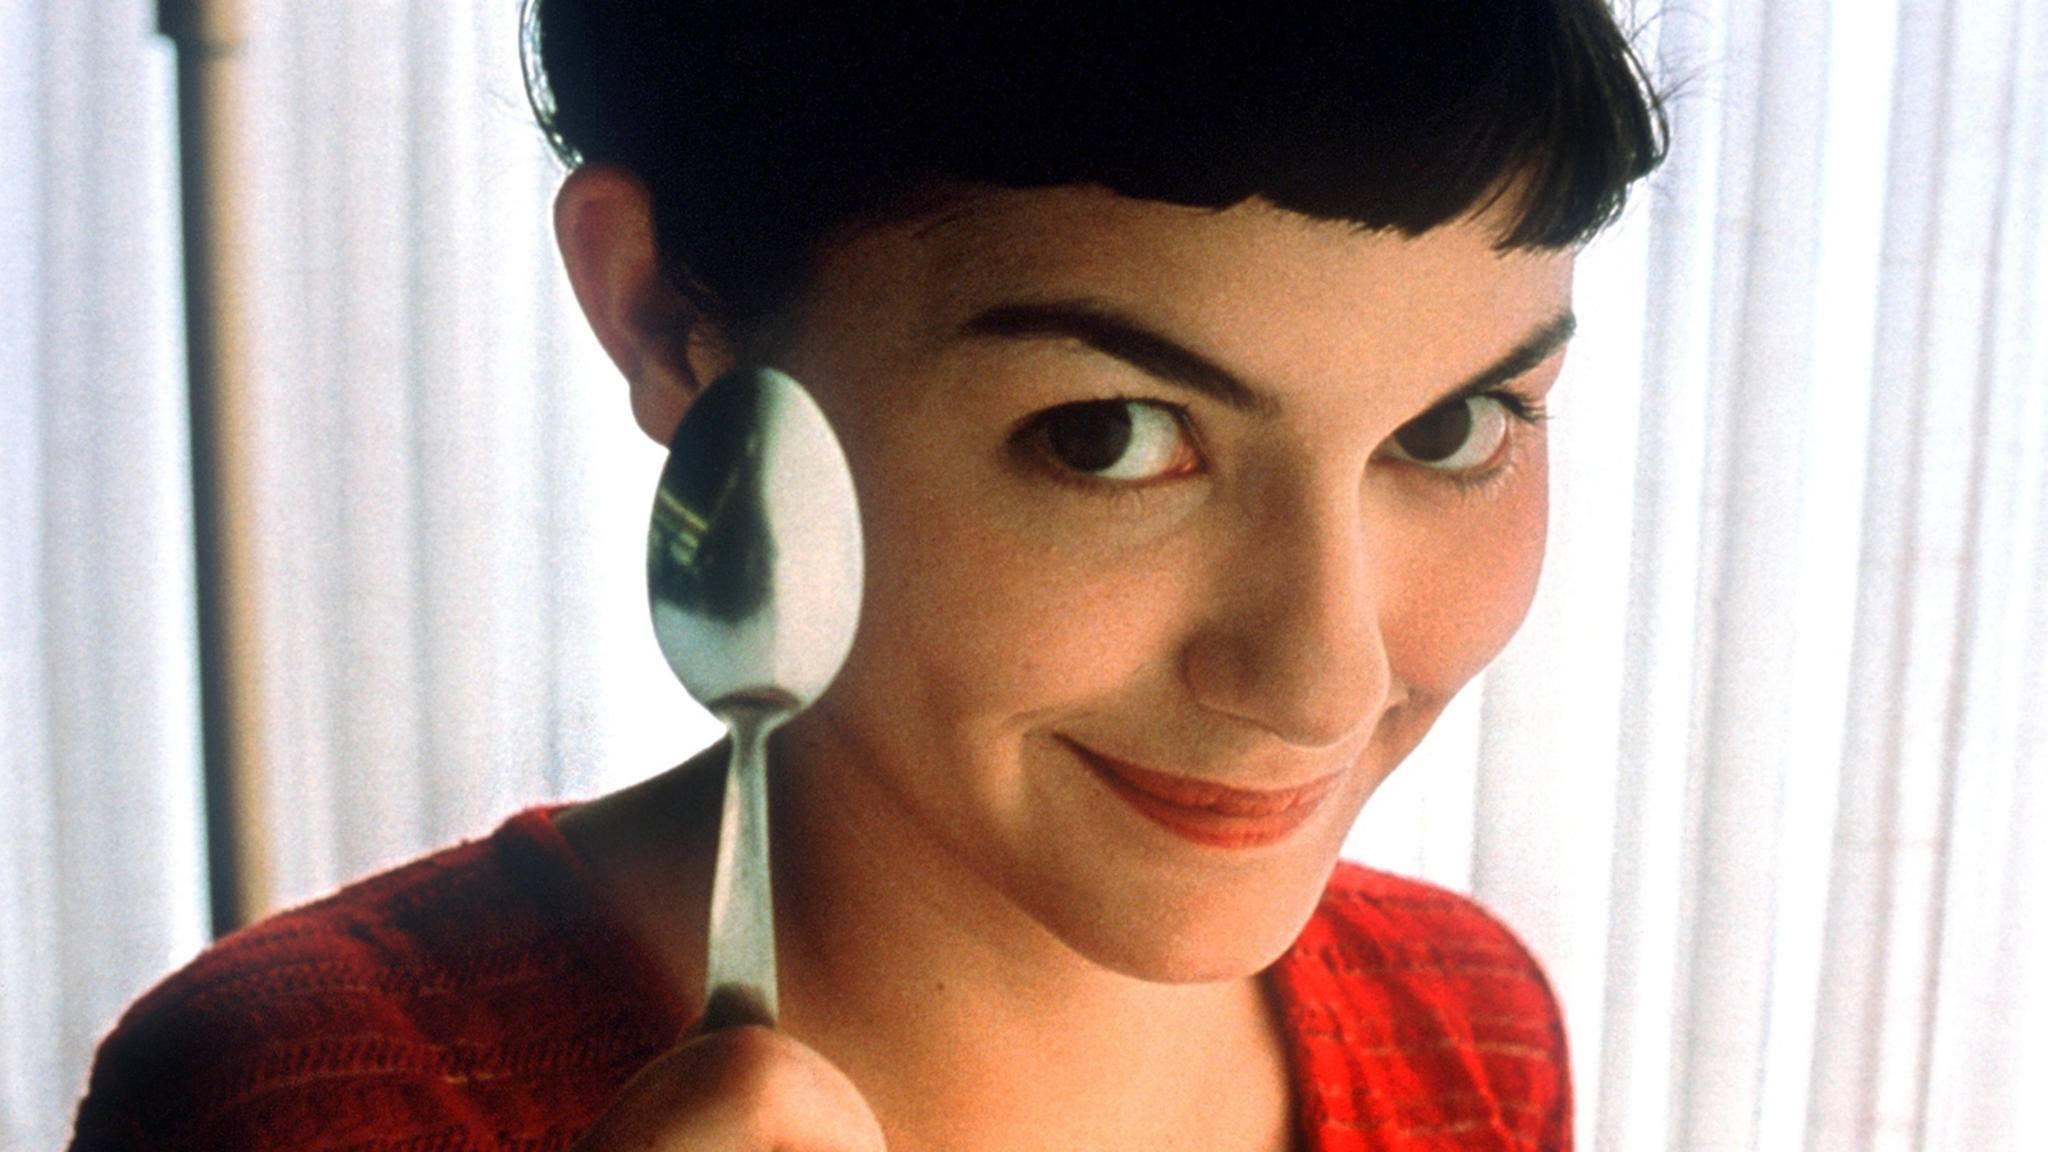 """1,2,3, gute Laune: """"Die Fabelhafte Welt der Amélie"""" ist nicht nur gut für die Seele, sondern auch der ideale Film für einen Feiertag!"""